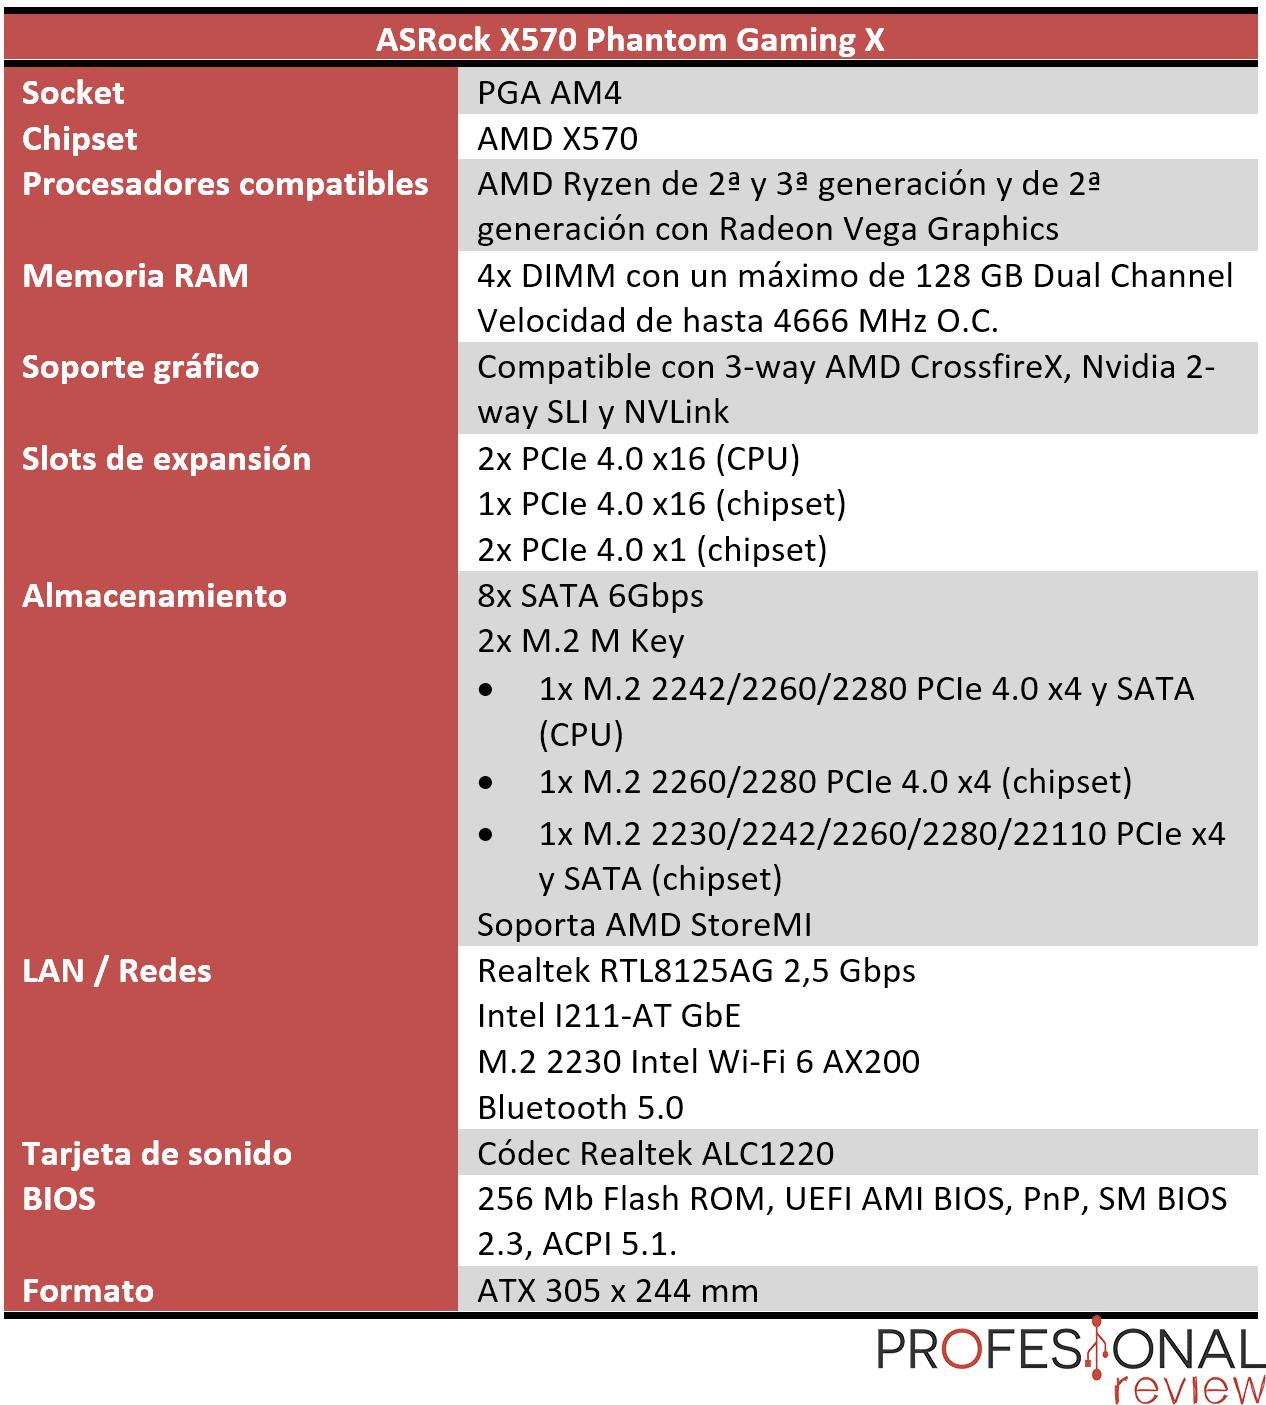 ASRock X570 Phantom Gaming X características